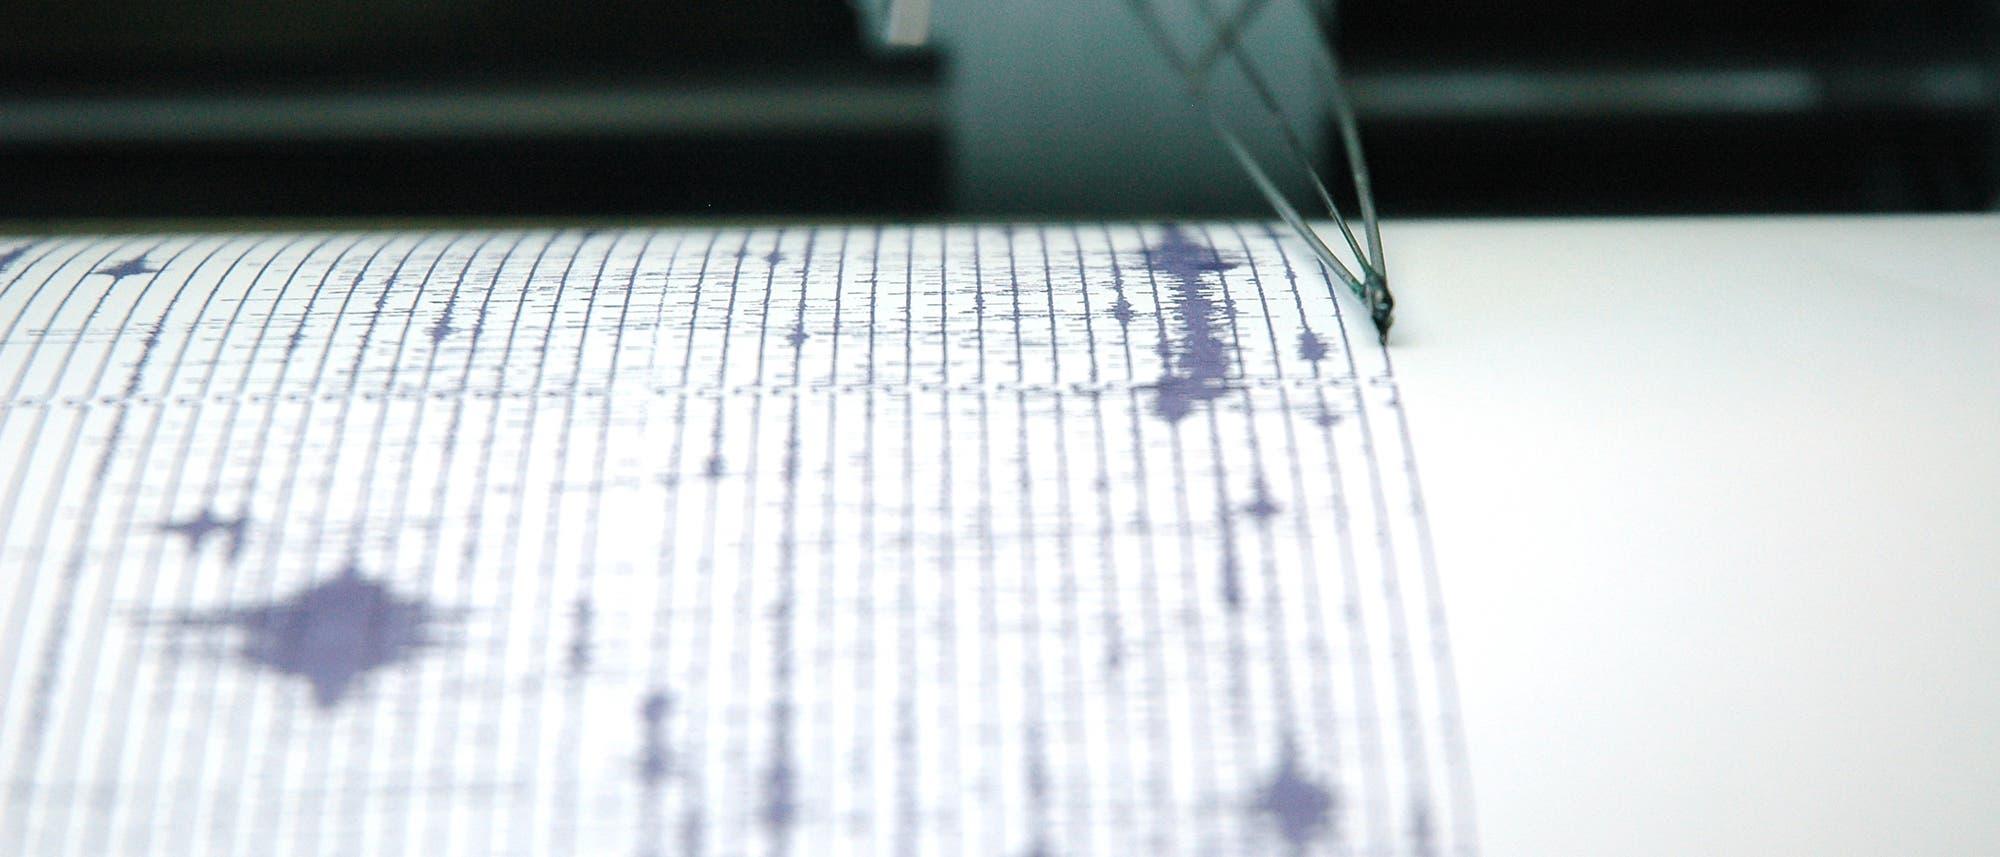 Nahaufnahme eines Seismografen.